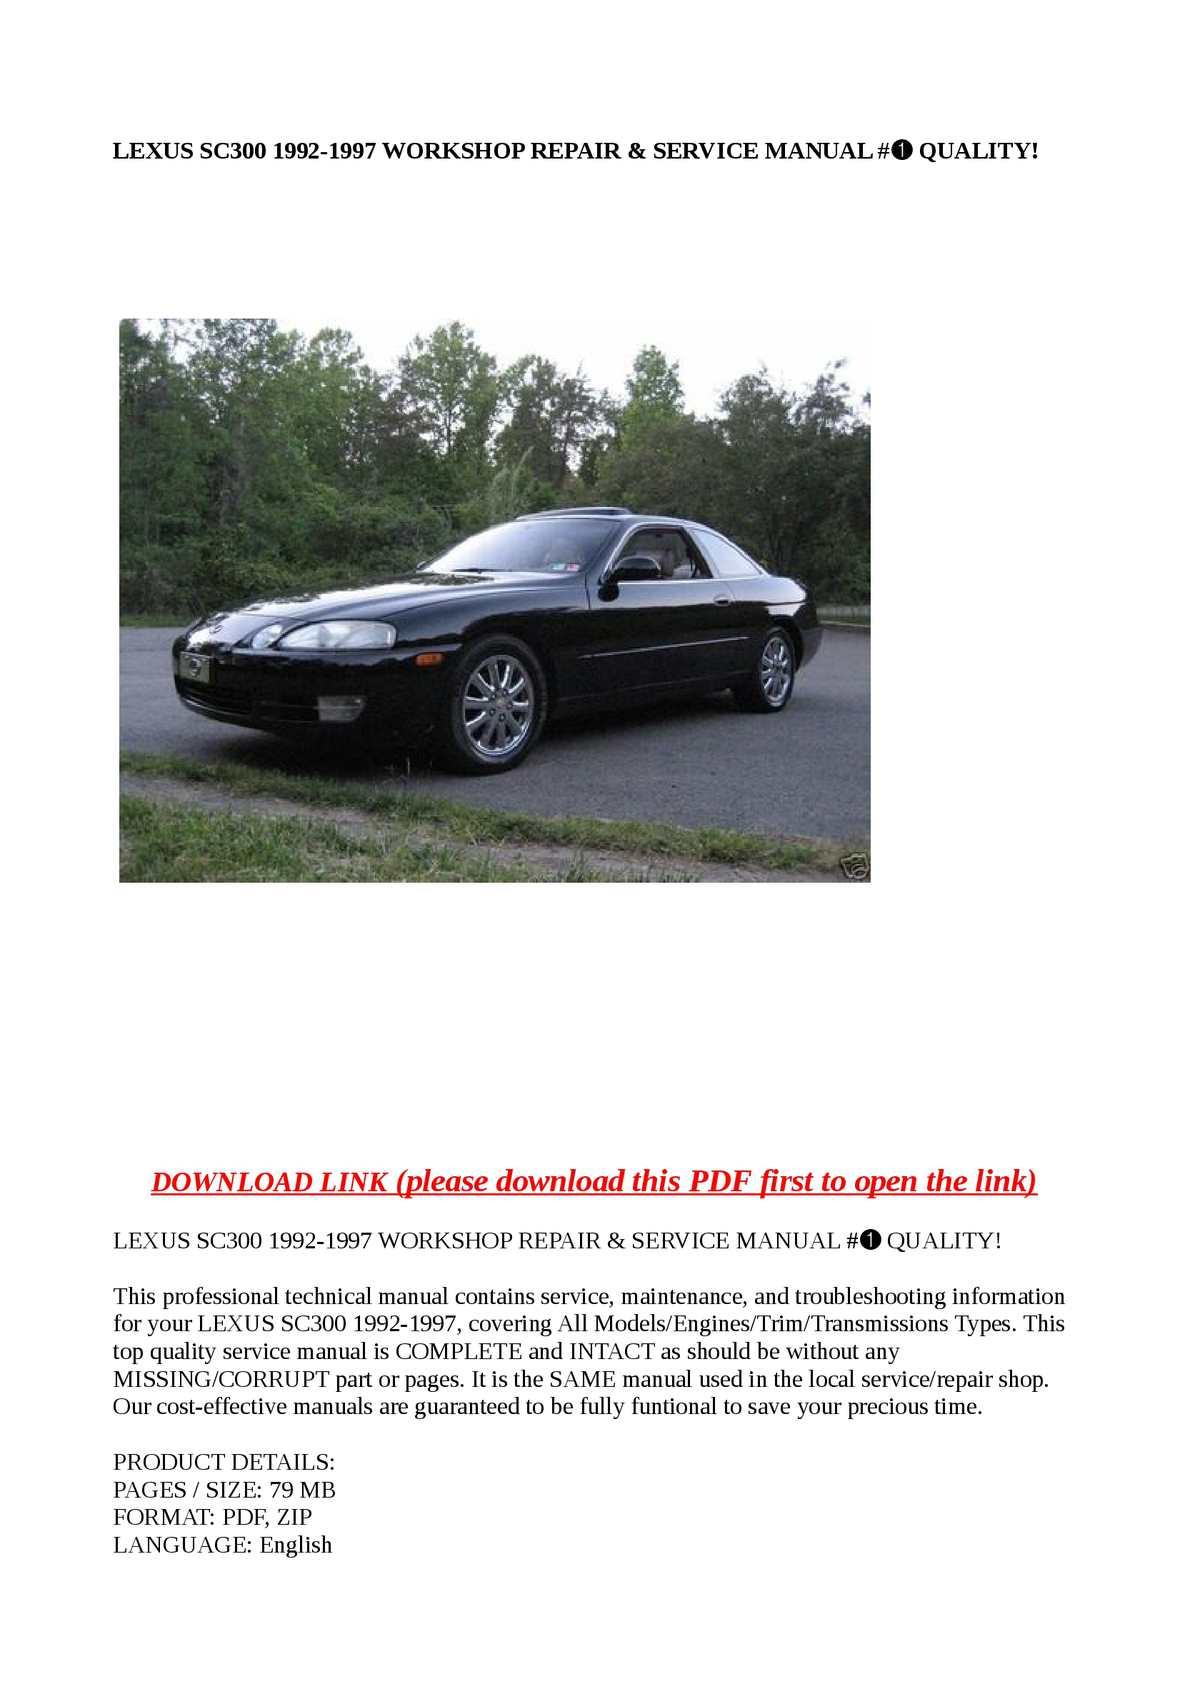 1992 lexus sc400 repair manual pdf